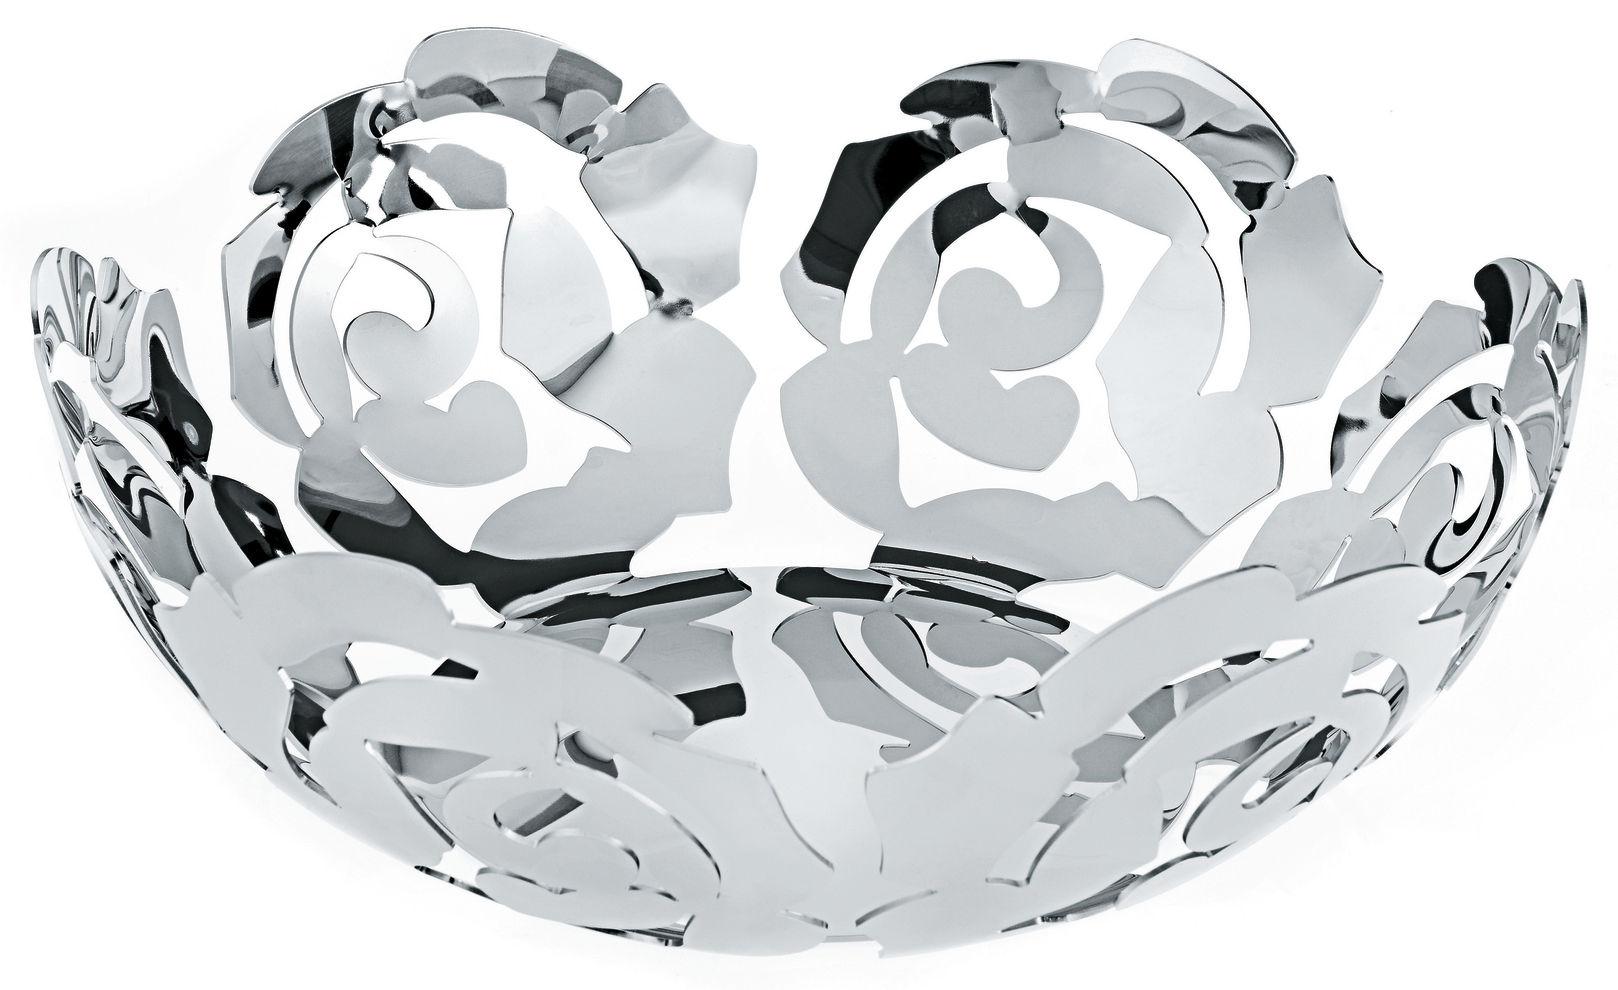 Accessoires - Accessoires für das Bad - La Rosa Korb - Alessi - Ø 29 cm - Stahl glänzend - rostfreier Stahl